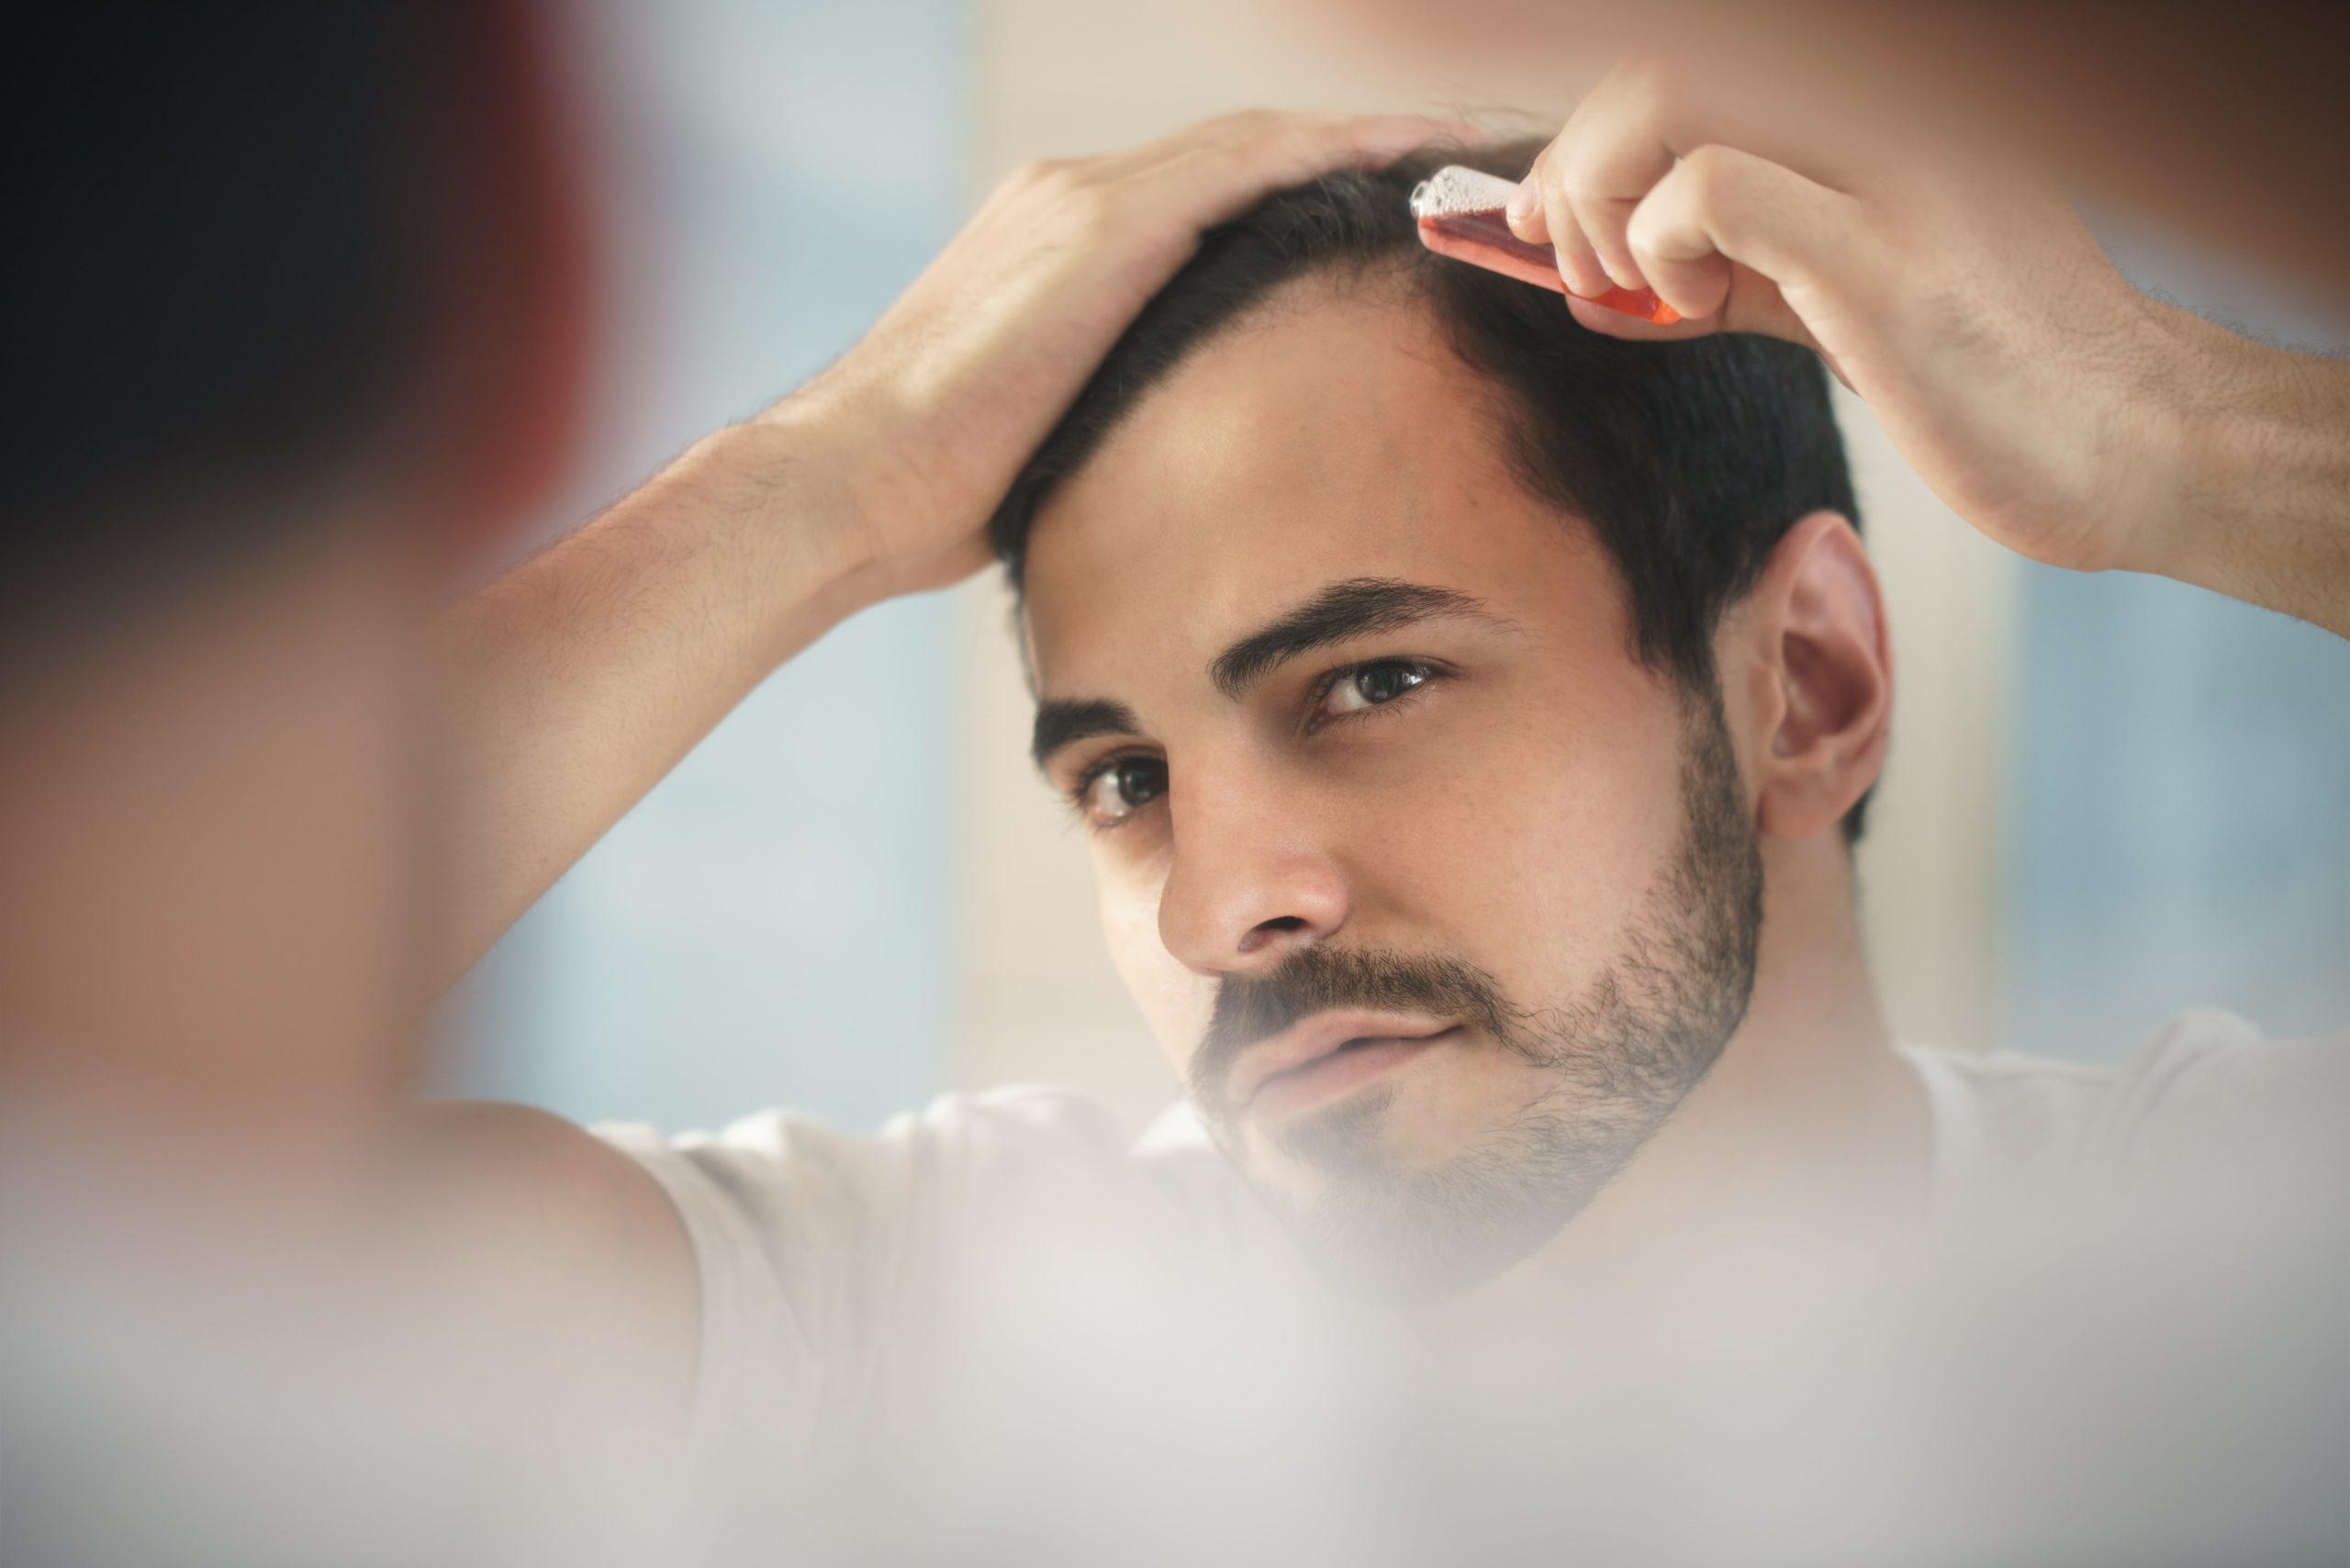 Transplantacja włosów - fanaberia czy ratunek